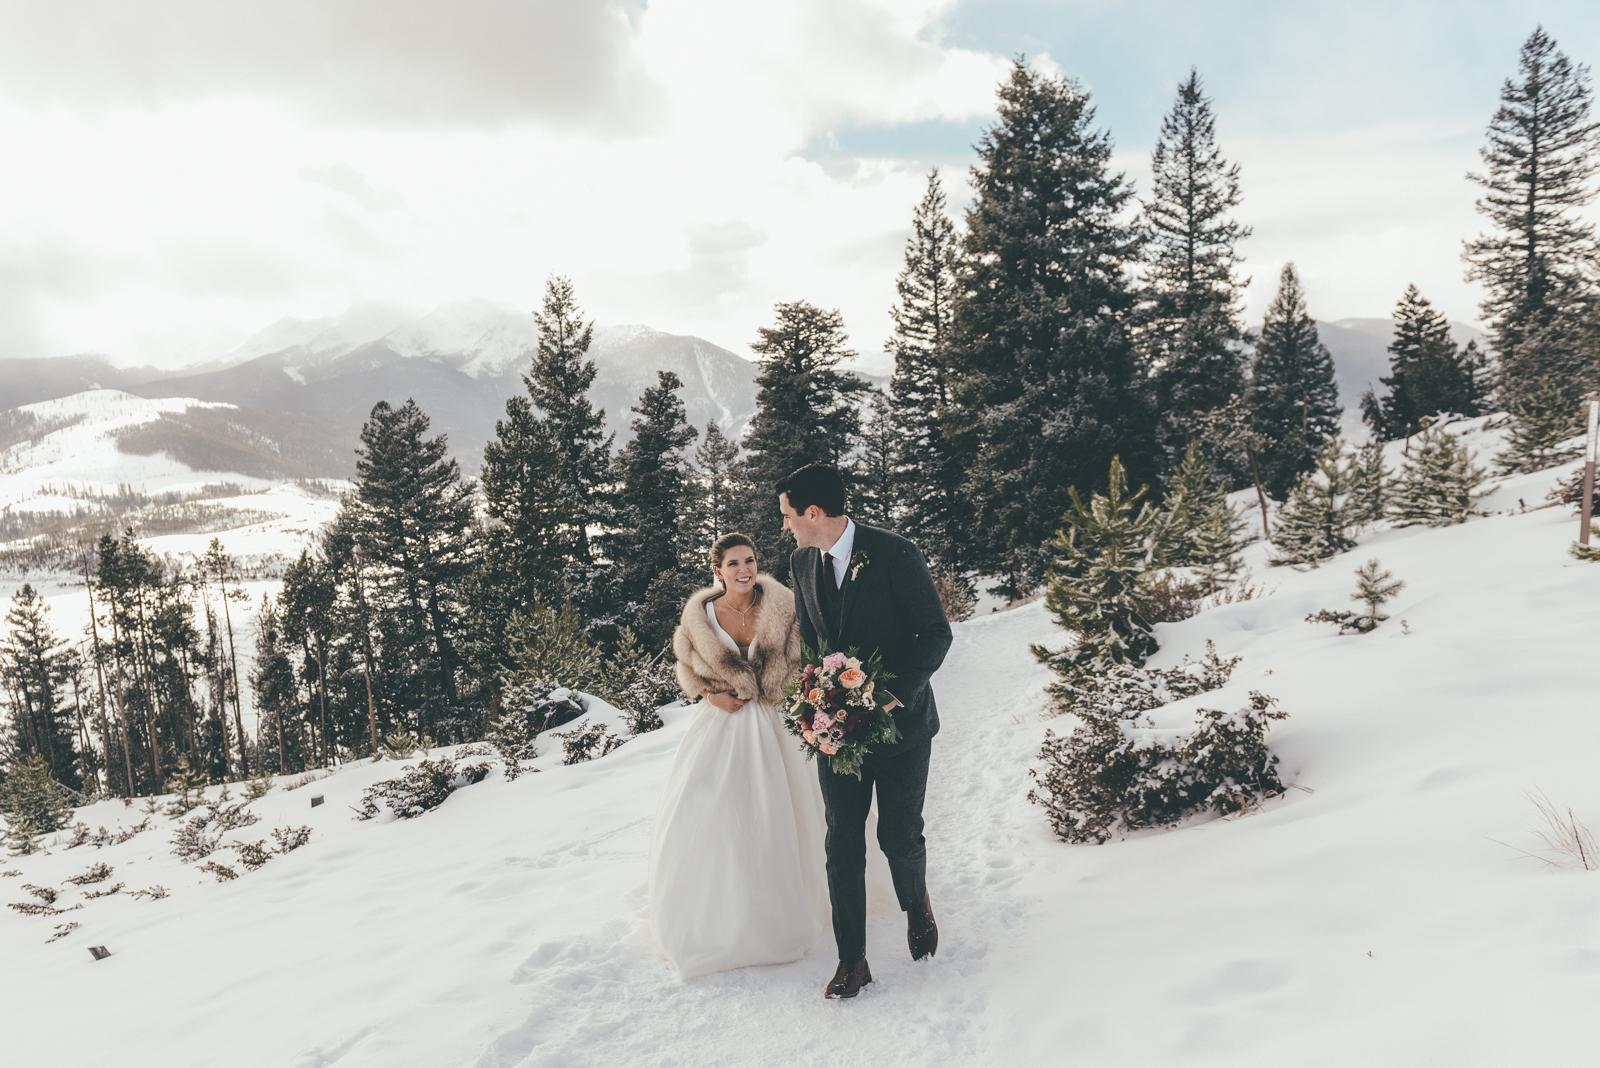 ChadFahnestockPhotography-wedding-photography-portfolio-001.jpg